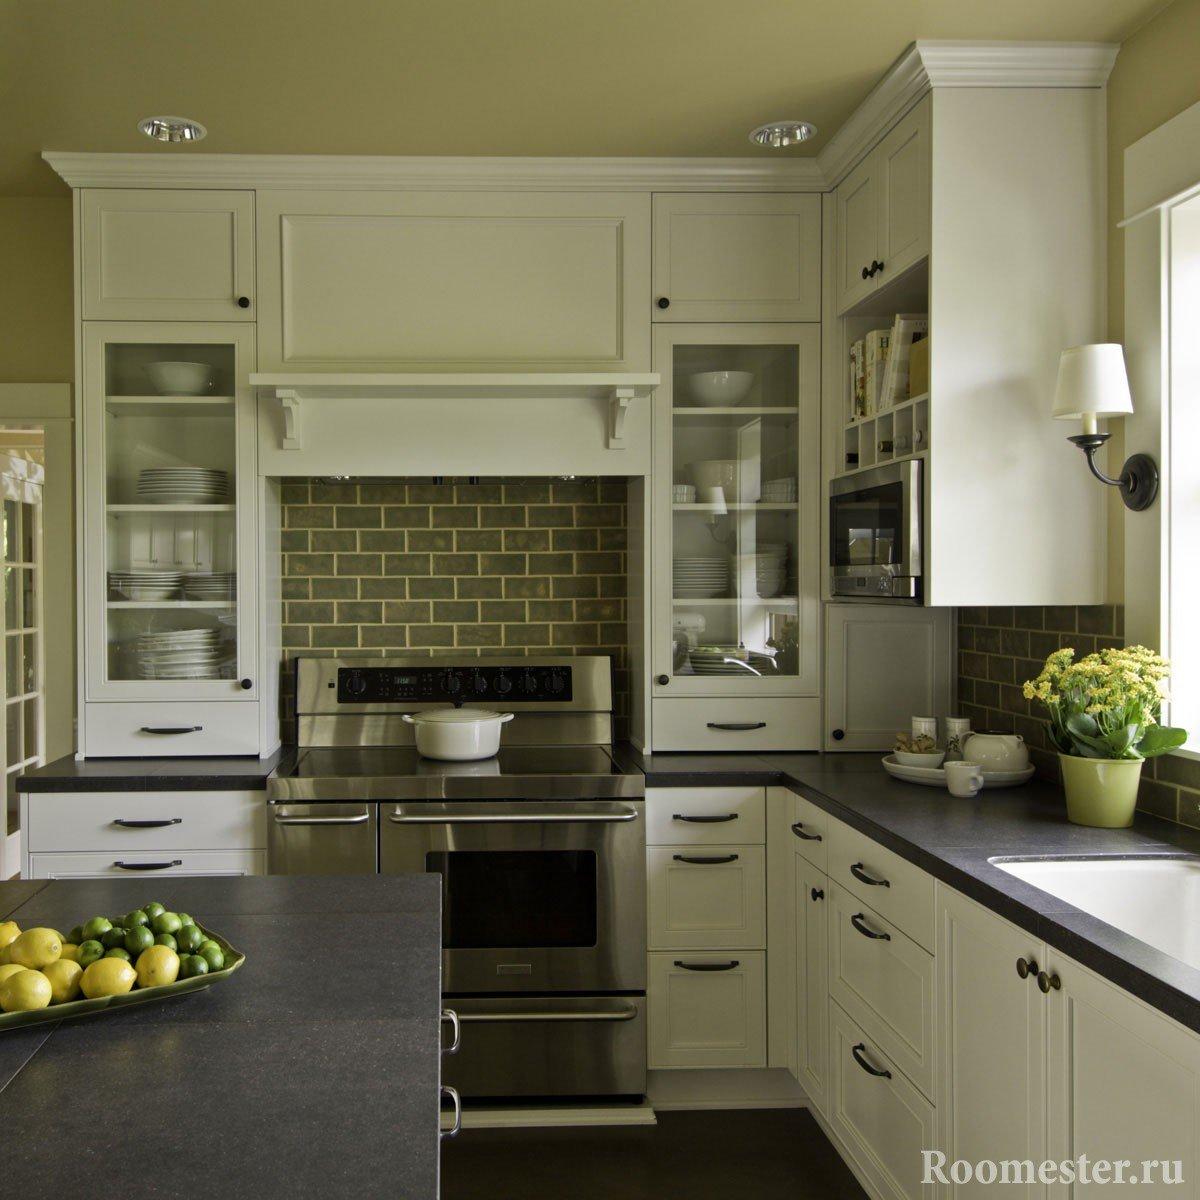 Небольшая кухня белого цвета